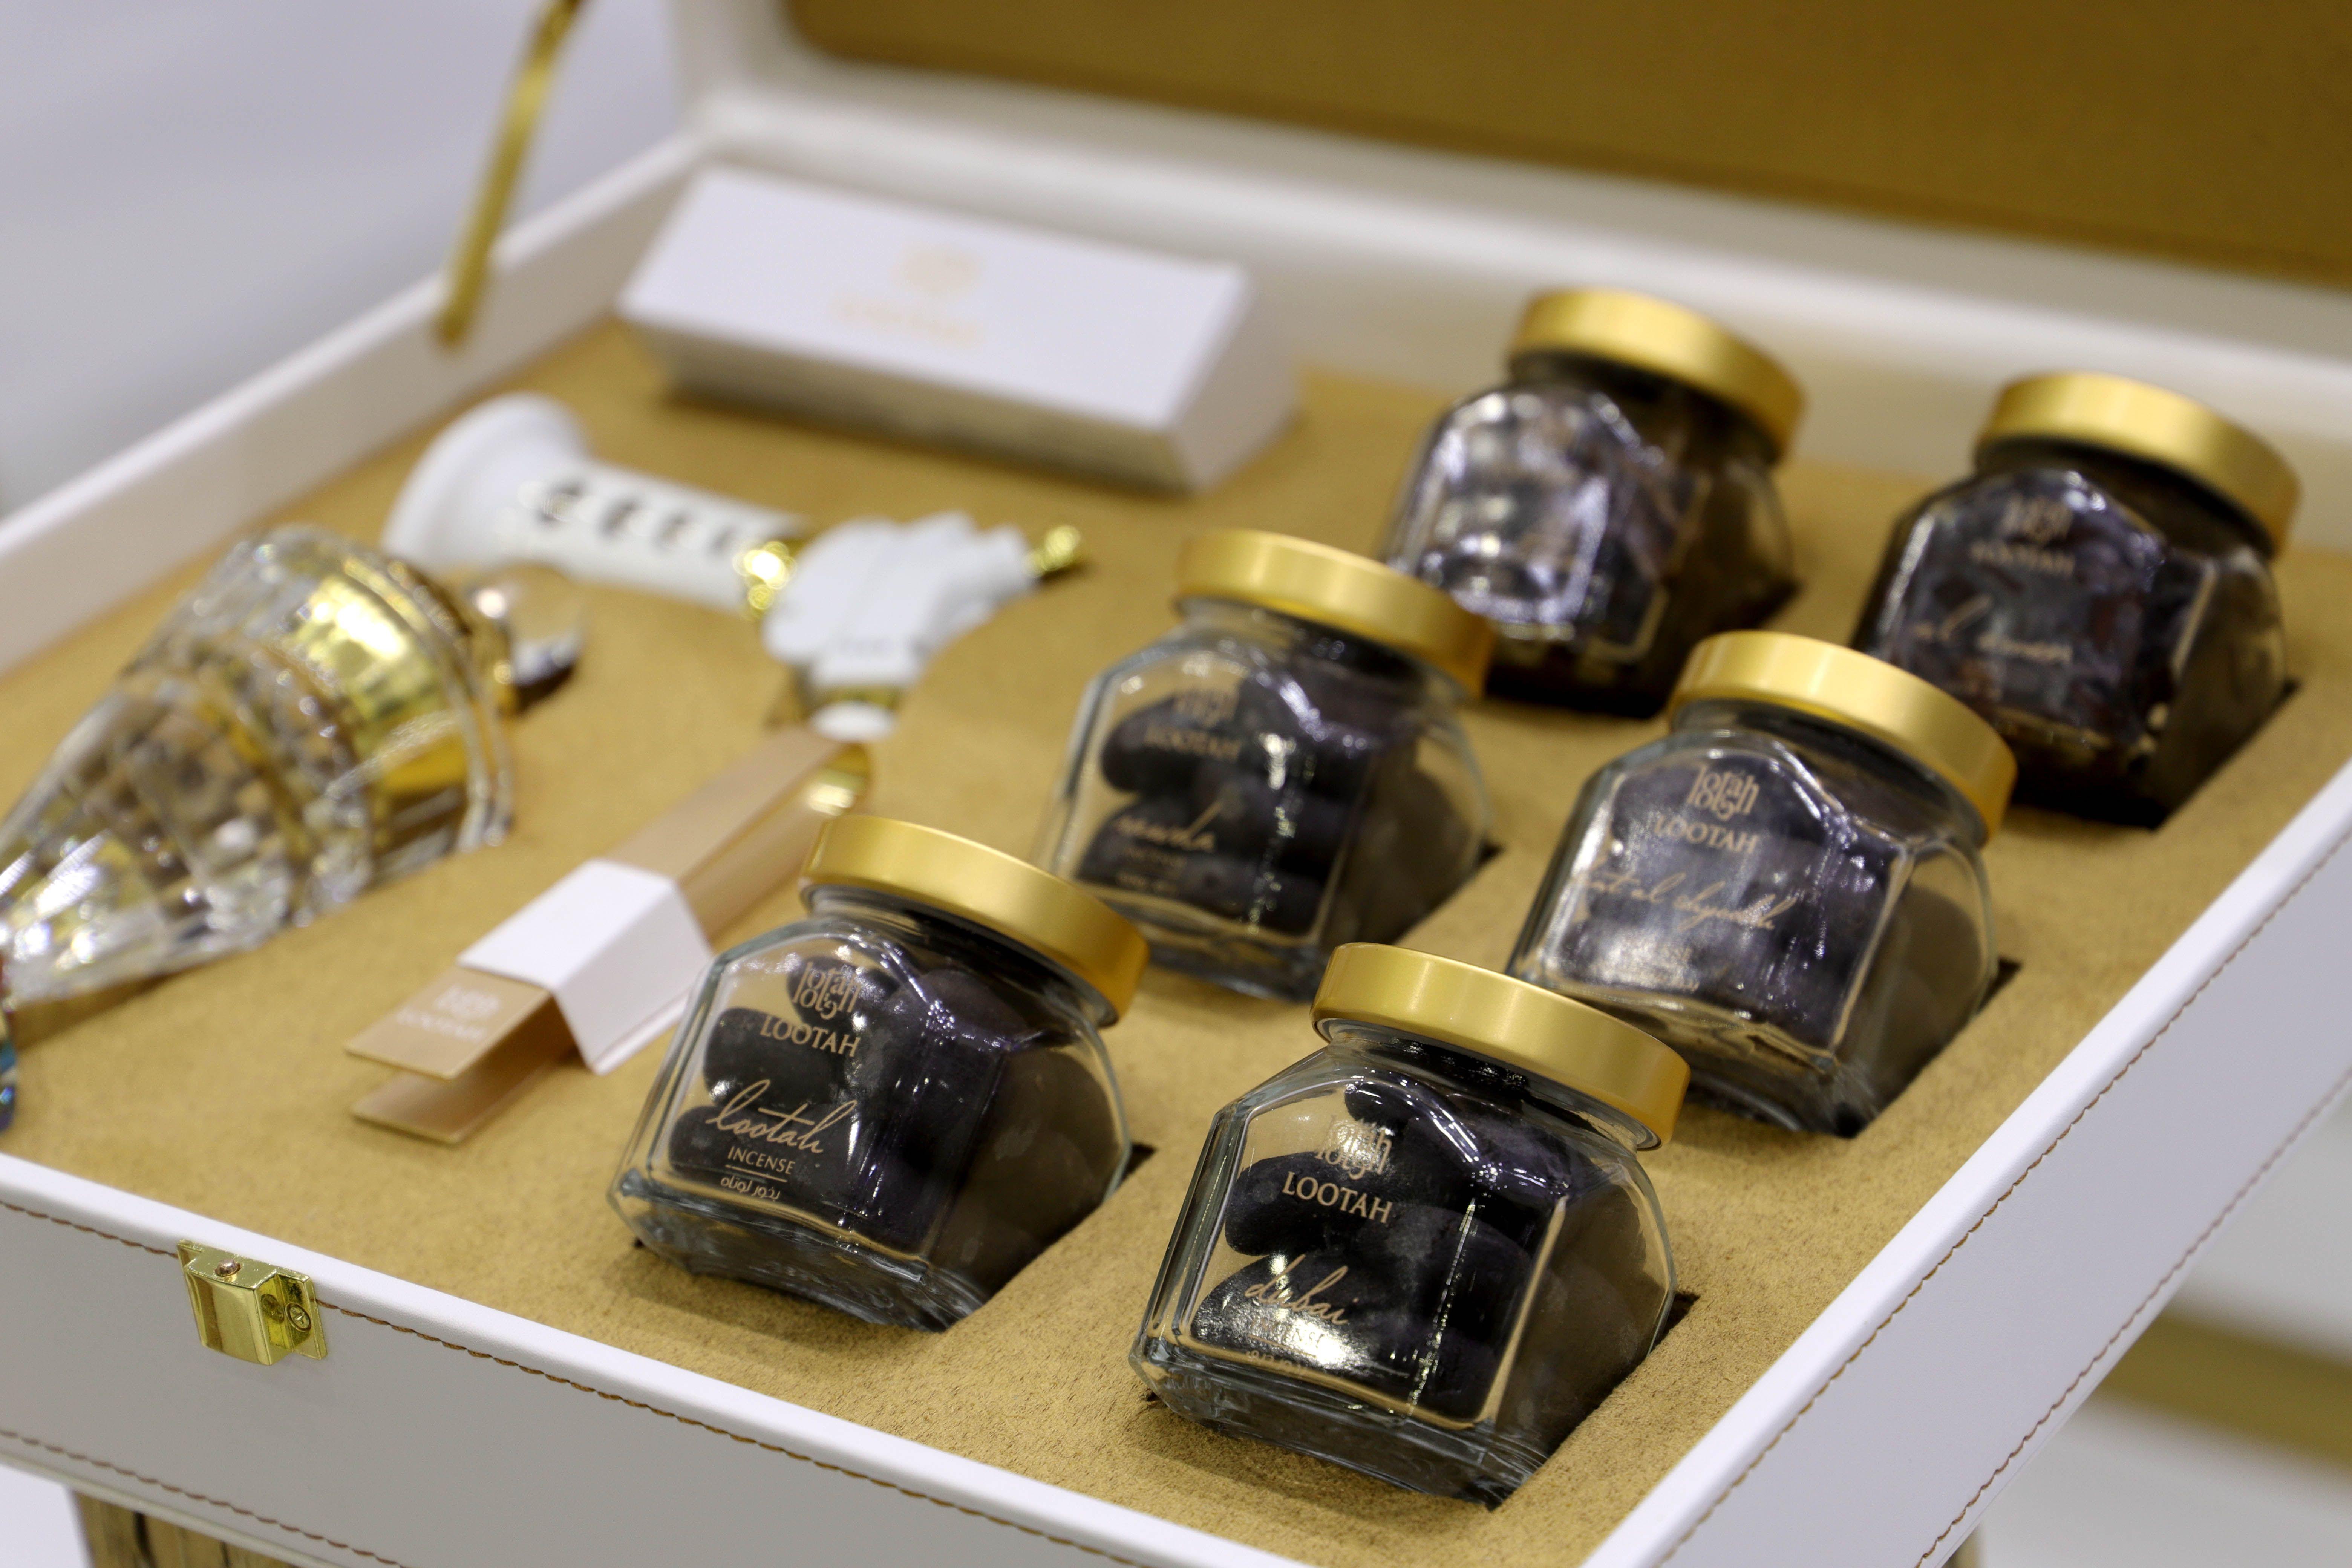 طقم من الجلد الفاخر يحتوي على 6 أنواع مميزة من البخور طقم البخور من لوتاه مع أكسسوارات خاصة لكل محبي البخور Kors Watches Michael Kors Watch Accessories